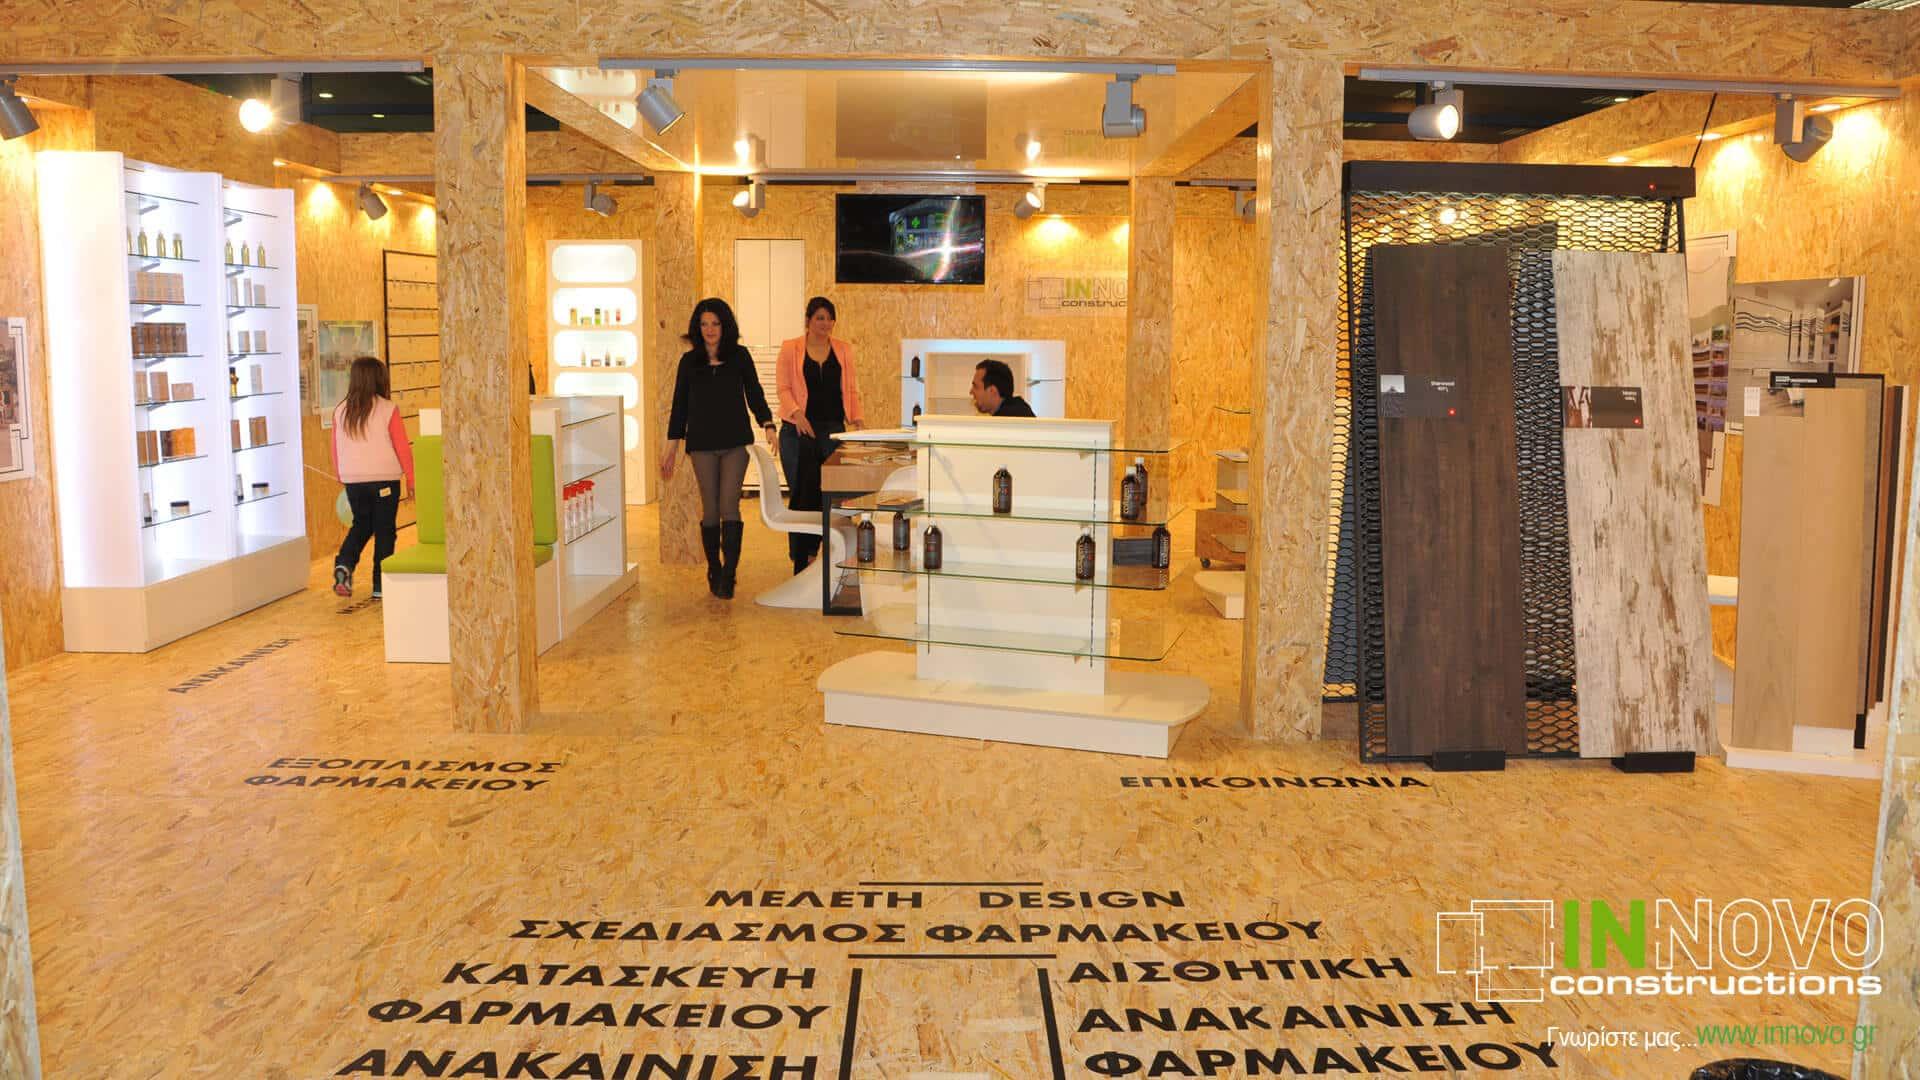 kataskevi-peripterou-exhibition-stand-construction-periptero-mas-hellaspharm2014-2-1